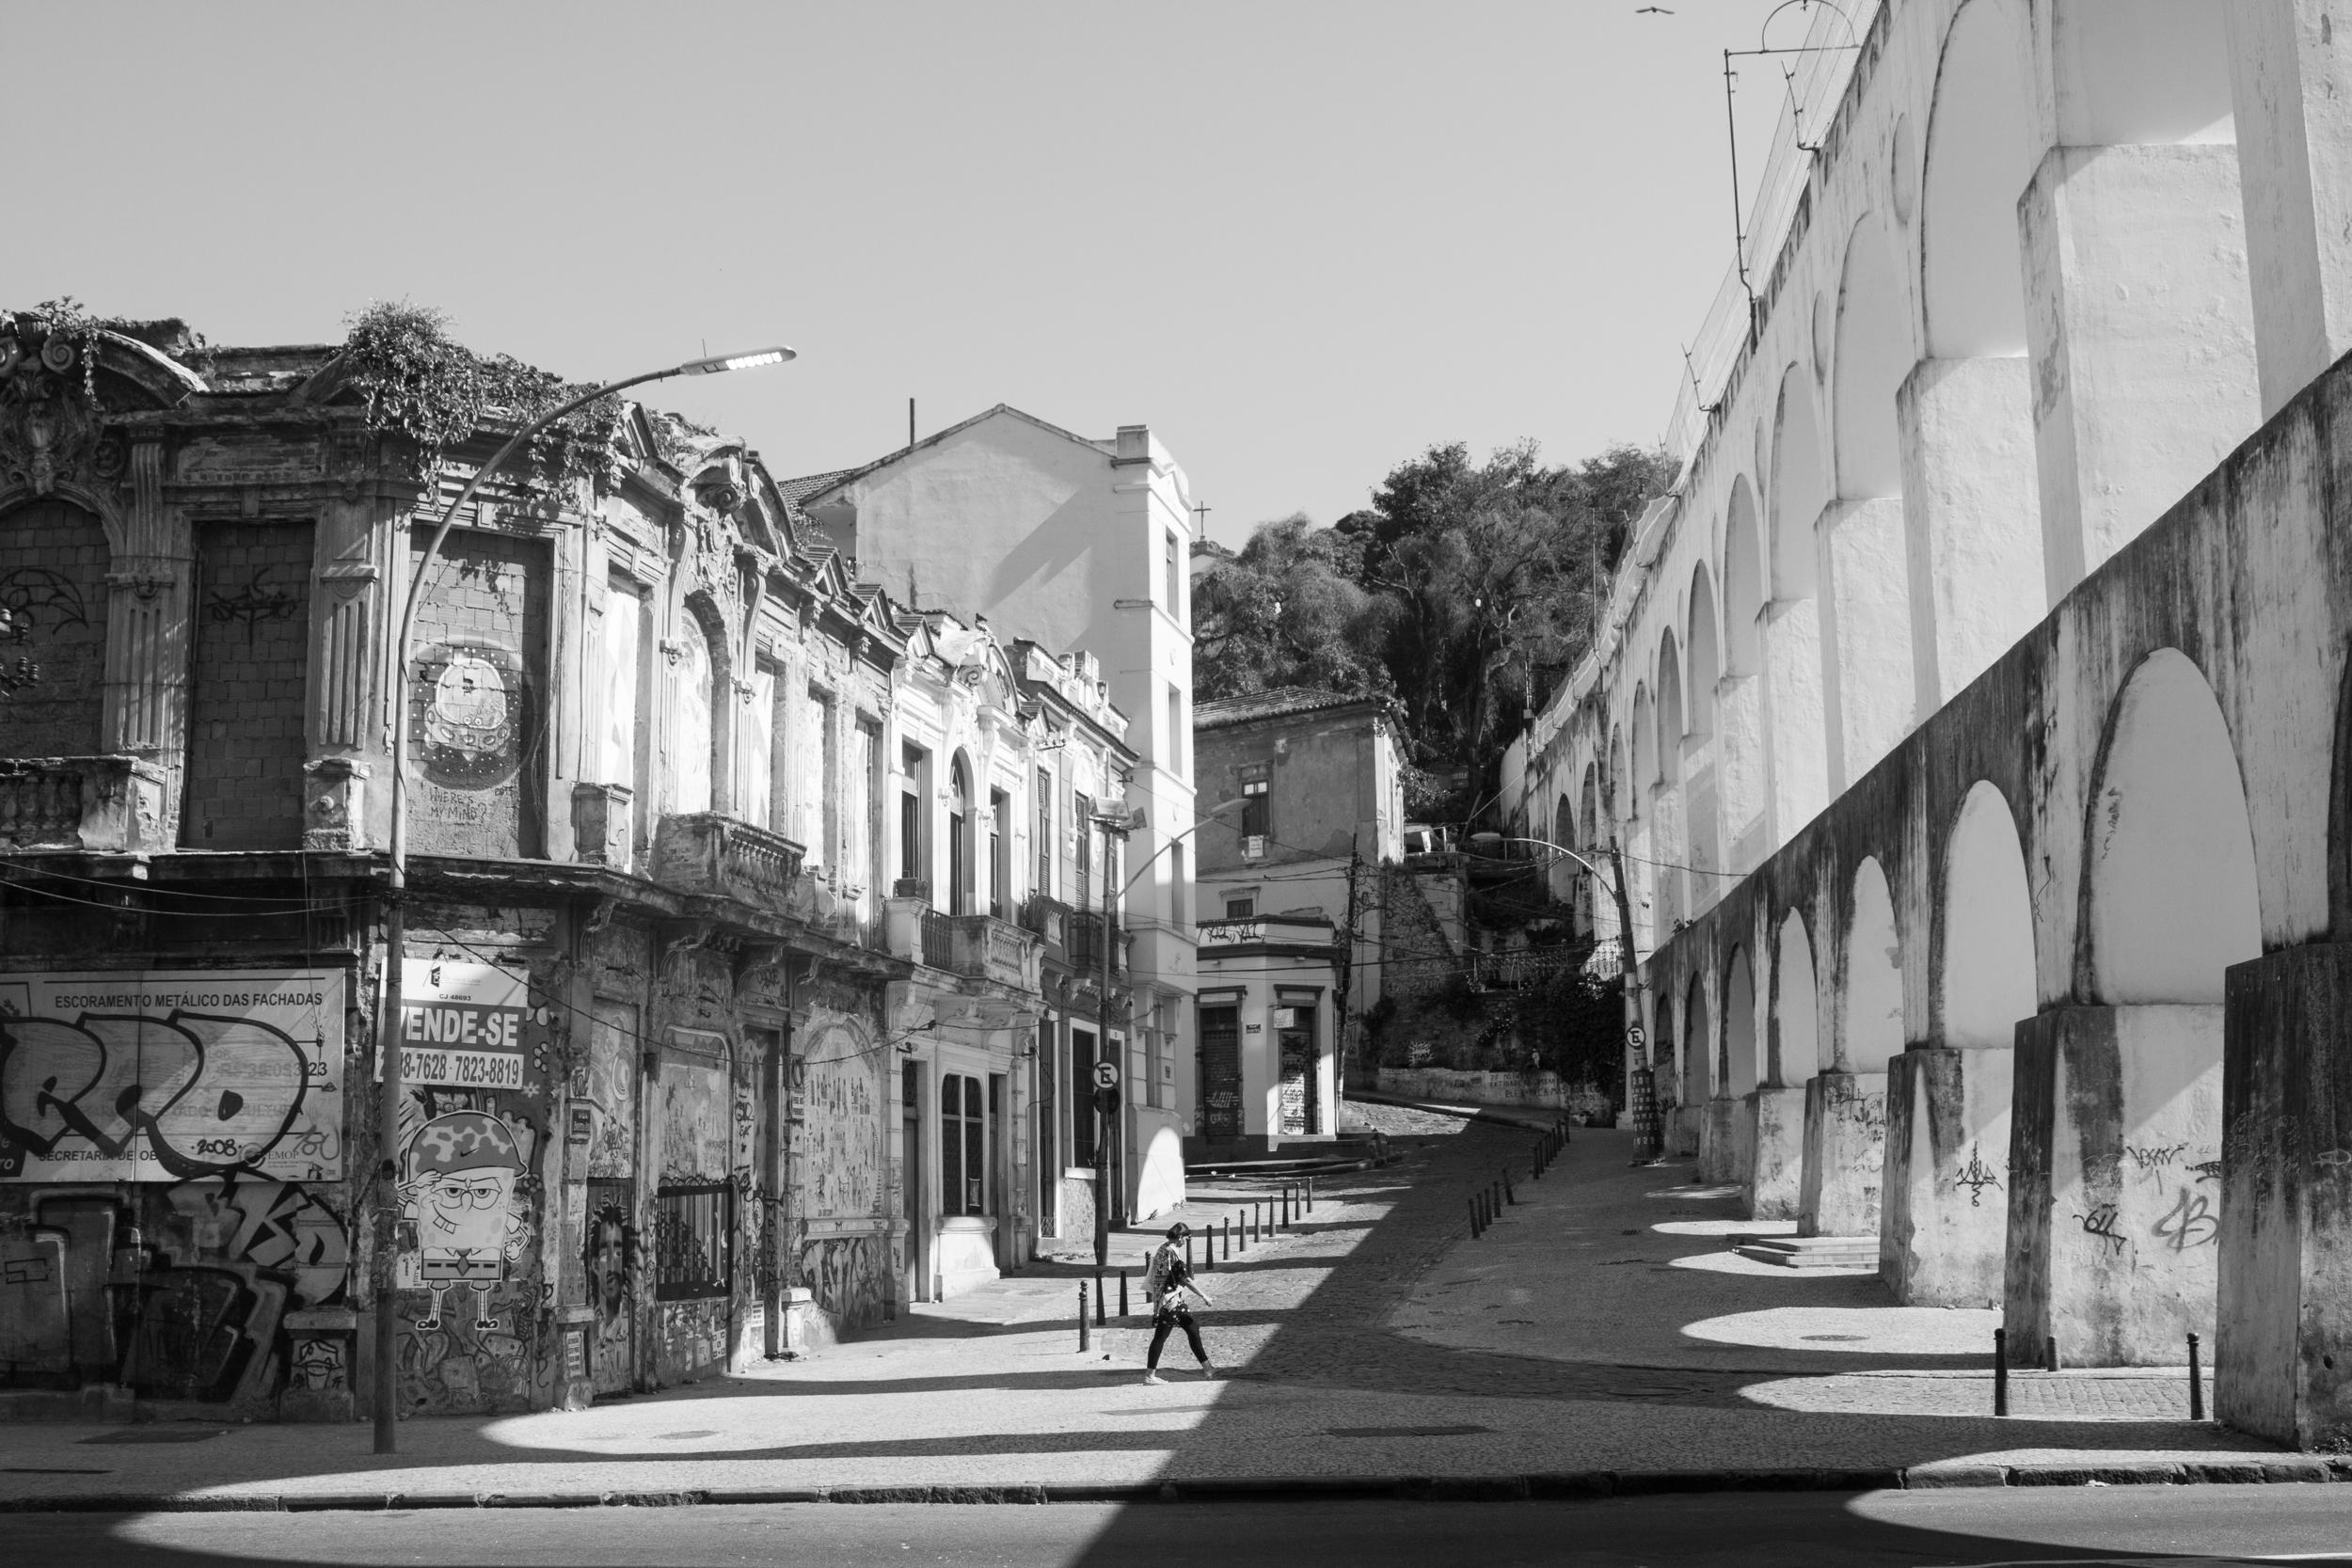 Brazil, Rio de Janeiro, Landscape, Travel photography, architecture, Lapa, arched bridge, street photography